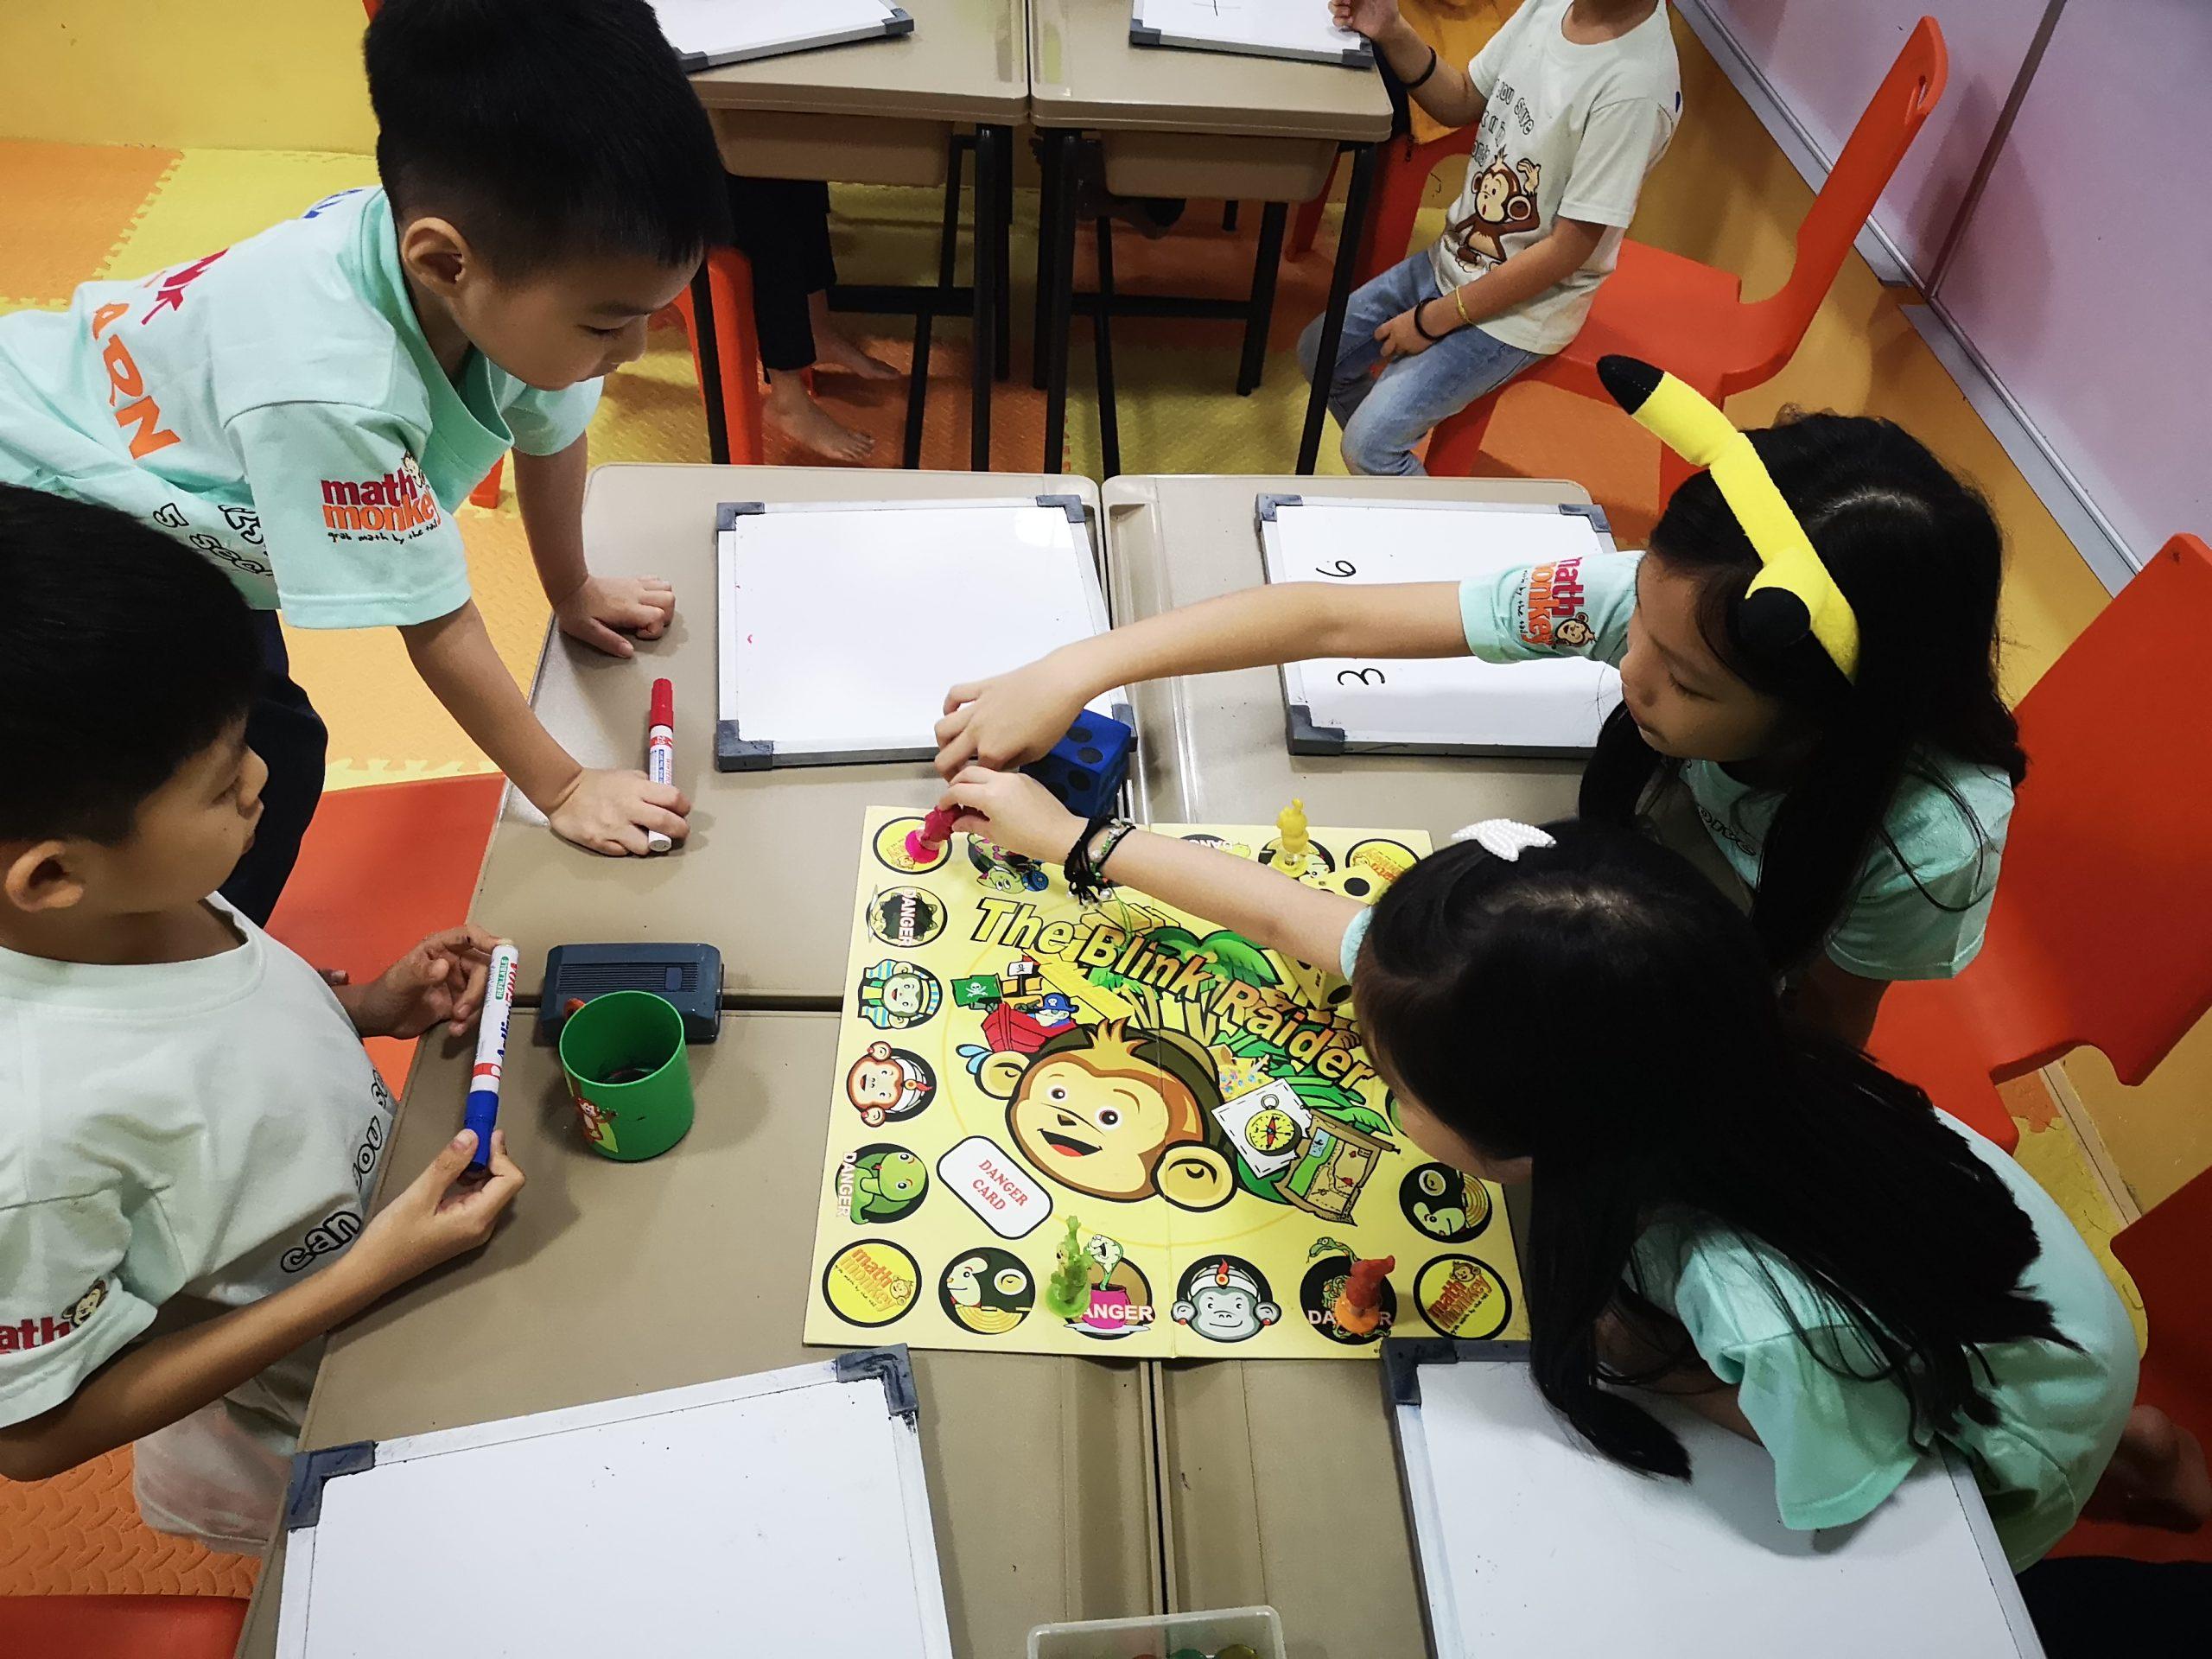 Hands-On Math Activities for Preschoolers